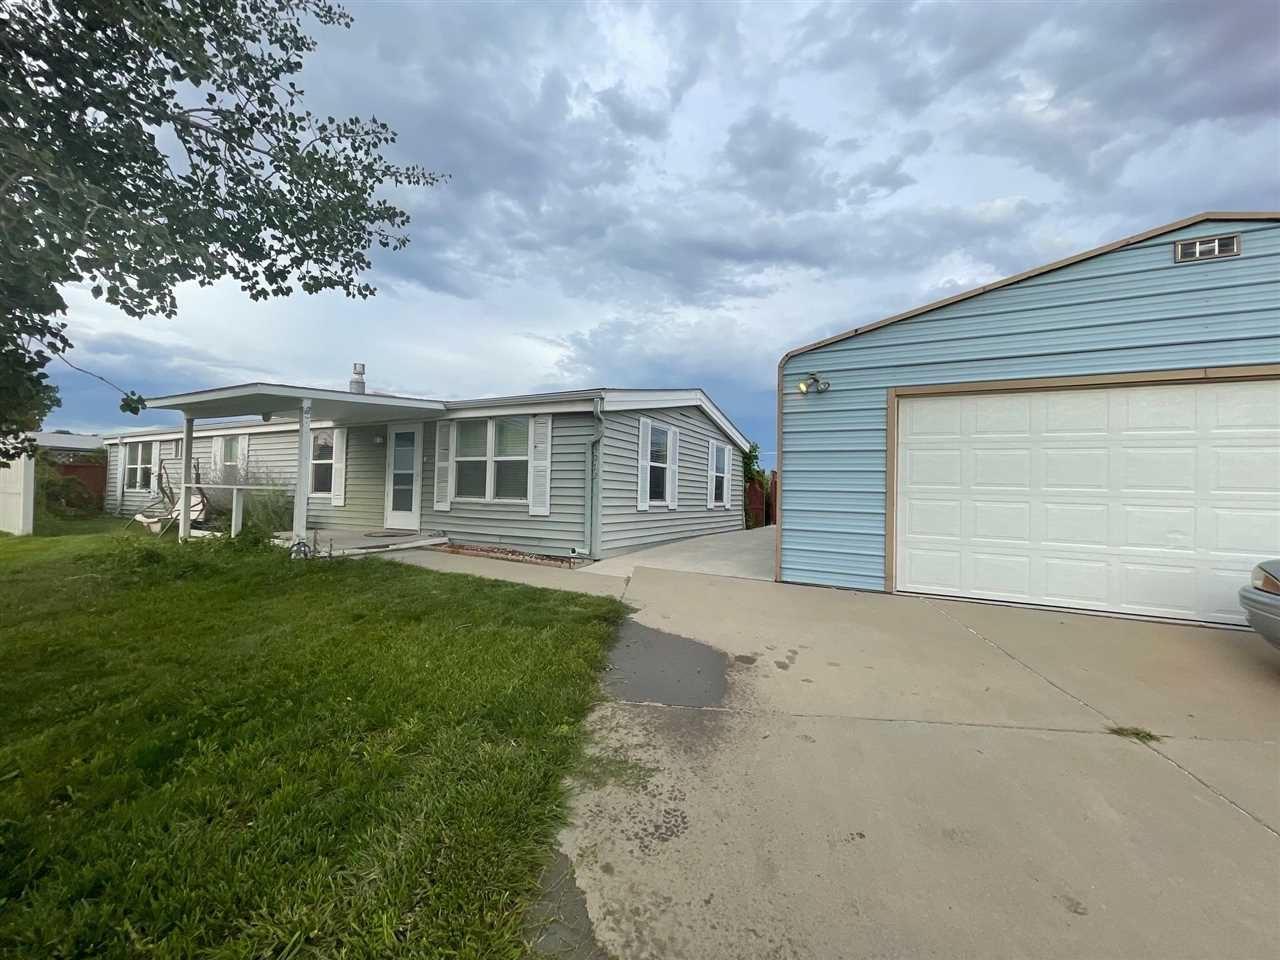 Photo of 3072 Grosbeak Court, Grand Junction, CO 81504 (MLS # 20213796)